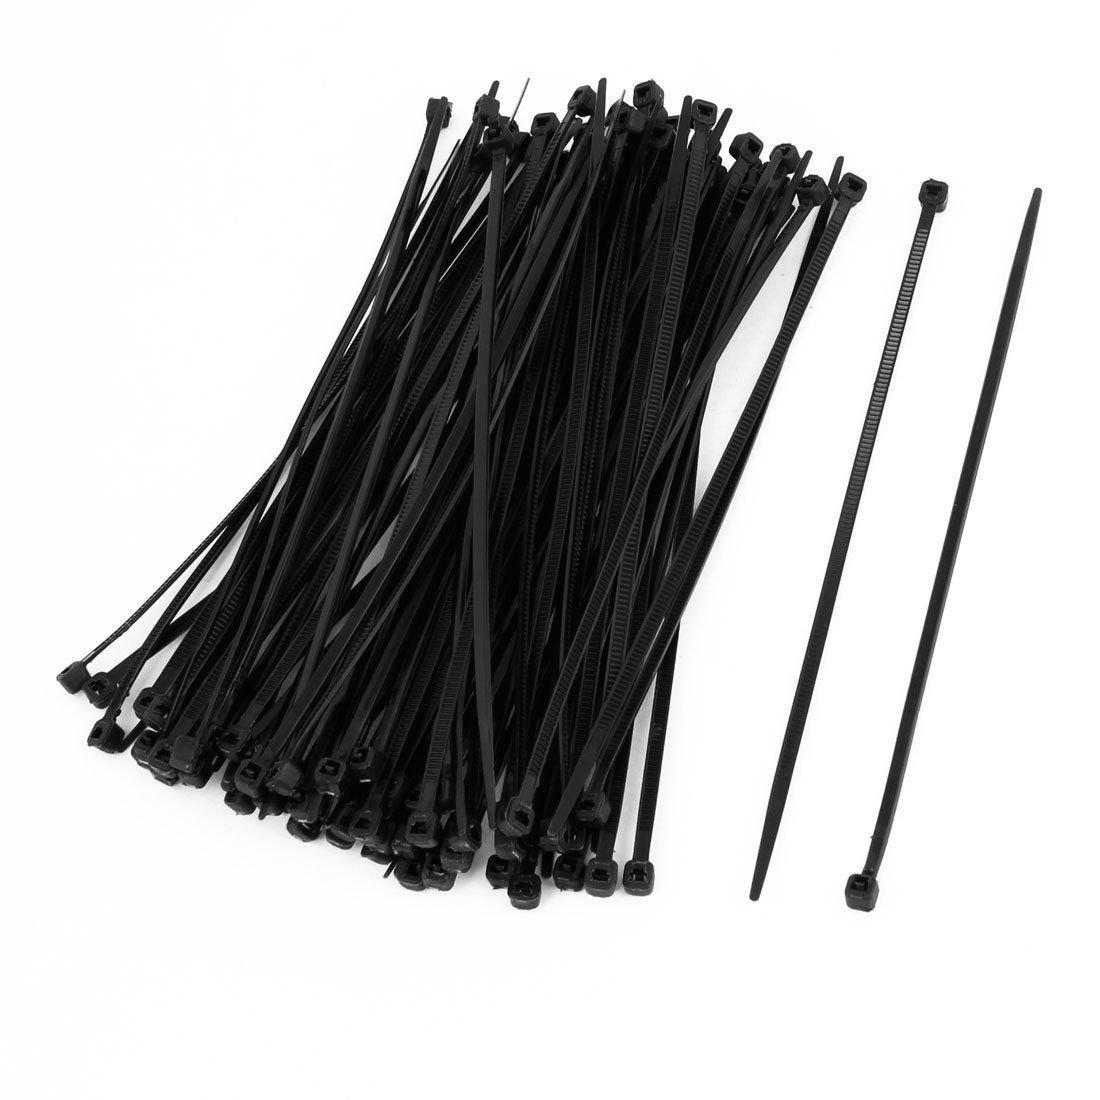 100 Stück Stück Stück bis 1000 Stück Kabelbinder von 2,5x100 mm bis 4,8 x 450mm Weiß Schwarz (4,8x450mm, 500 Stück Schwarz) B075CCKFJH | Fein Verarbeitet  c60ef4